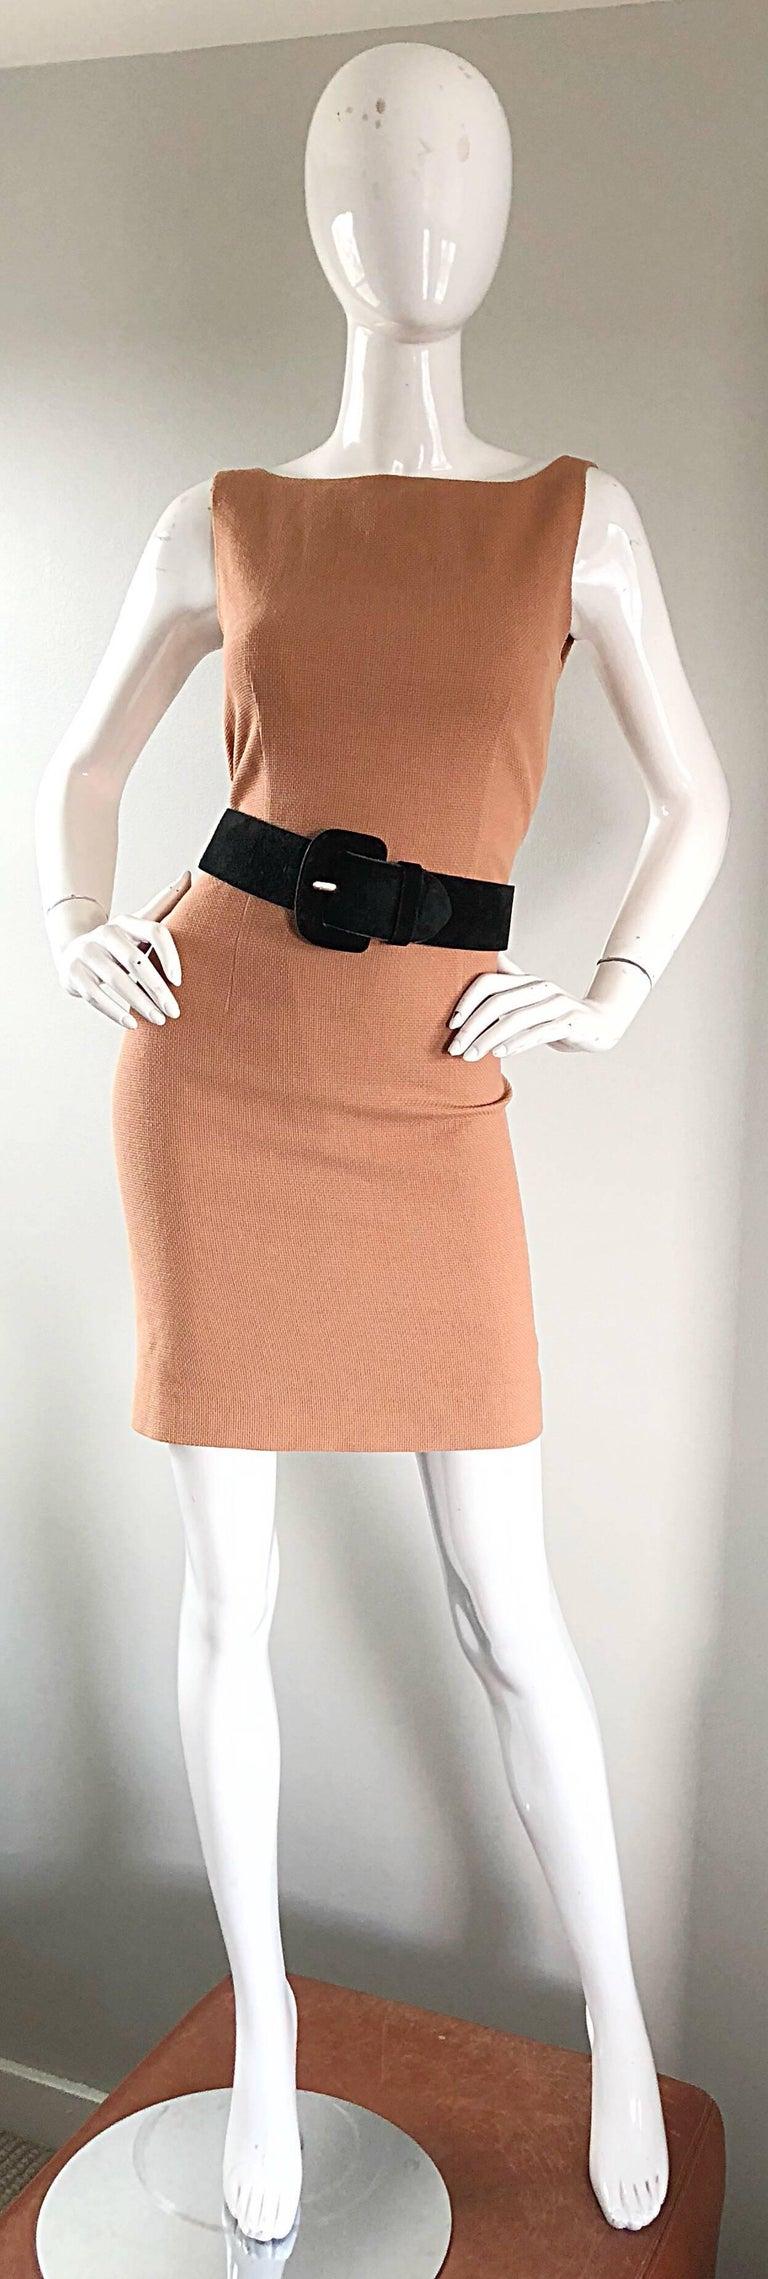 Women's Luca Luca 1990s Terra Cotta Tan Sz 8 / 10 Virgin Wool Italian Vintage 90s Dress For Sale